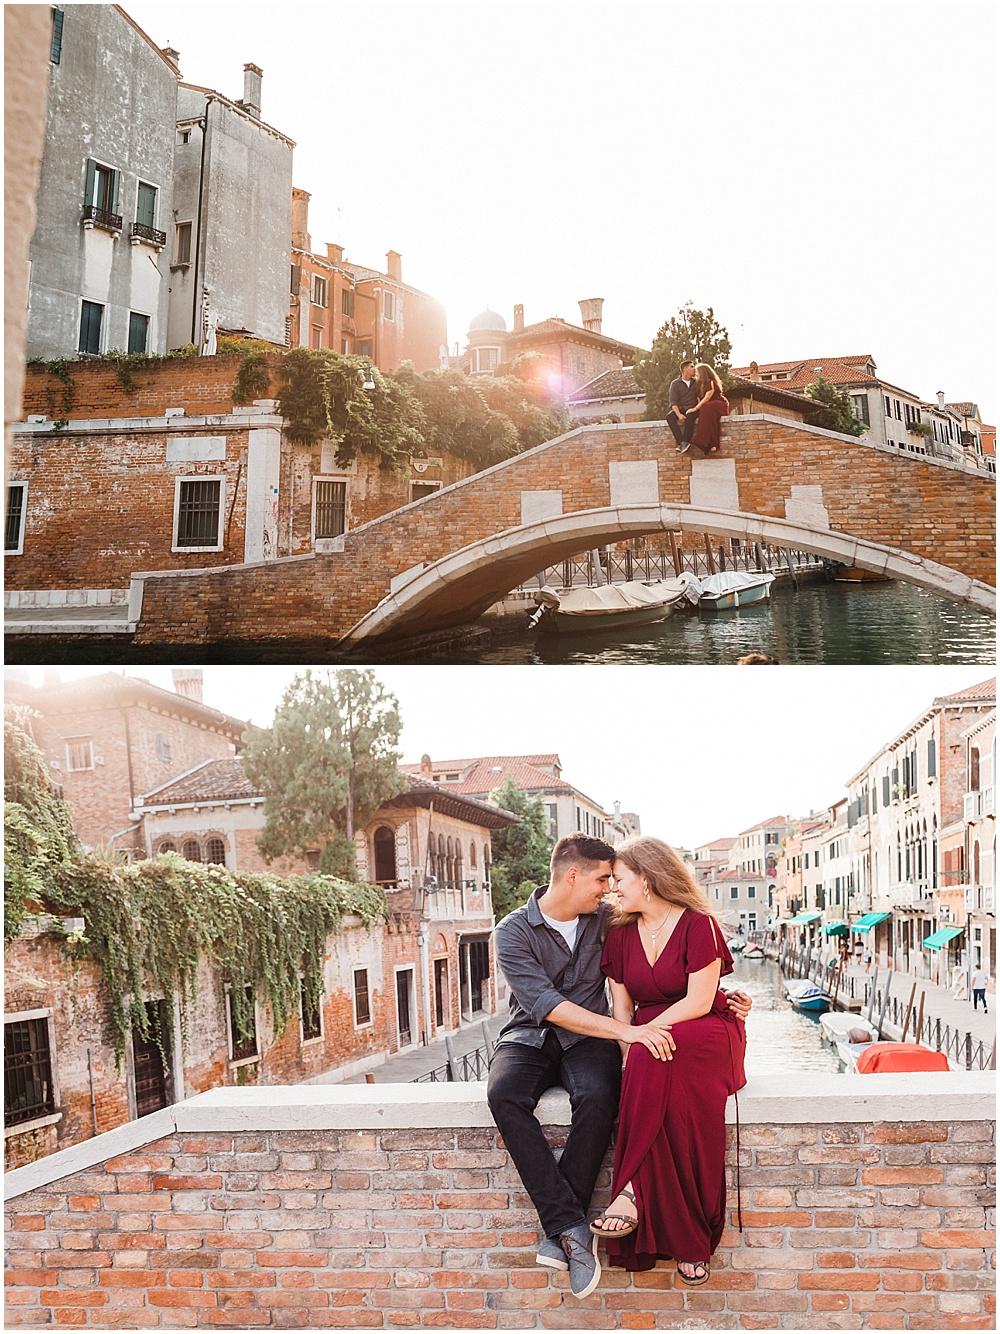 venice-italy-wedding-photograher-stefano-degirmenci_0532.jpg